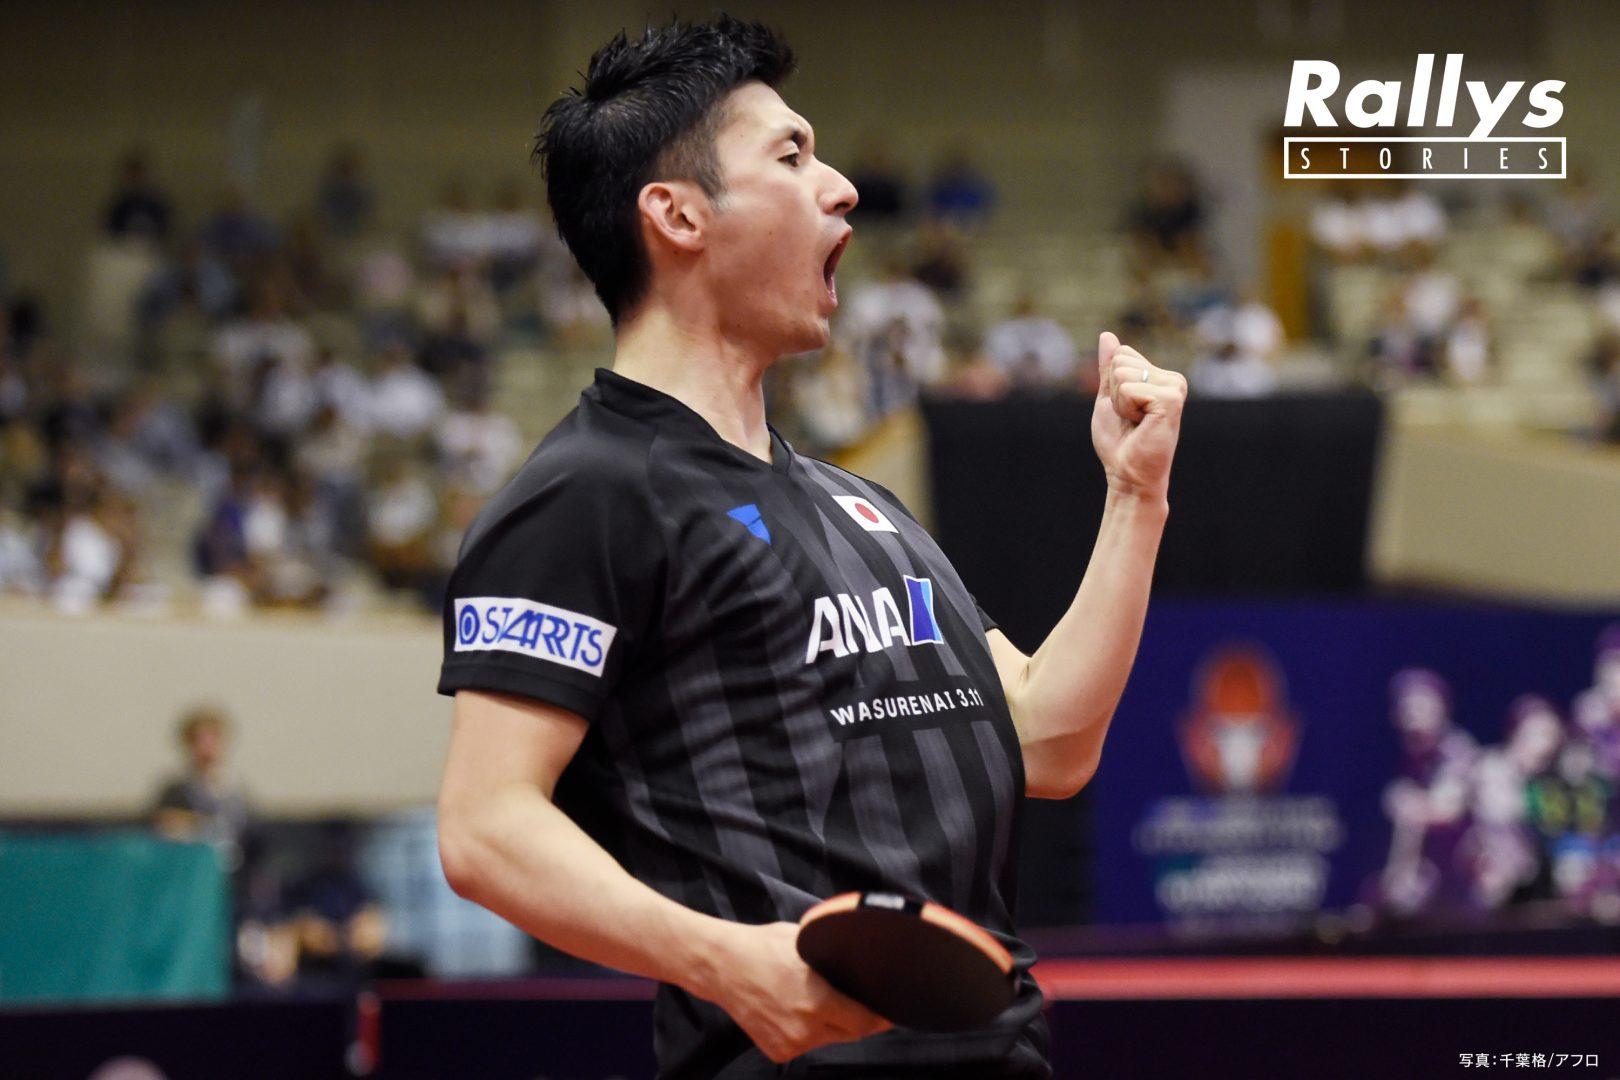 【卓球Photo Story】〈仕事人〉上田仁。雑草から這い上がった男はなぜプロへと転向したのか